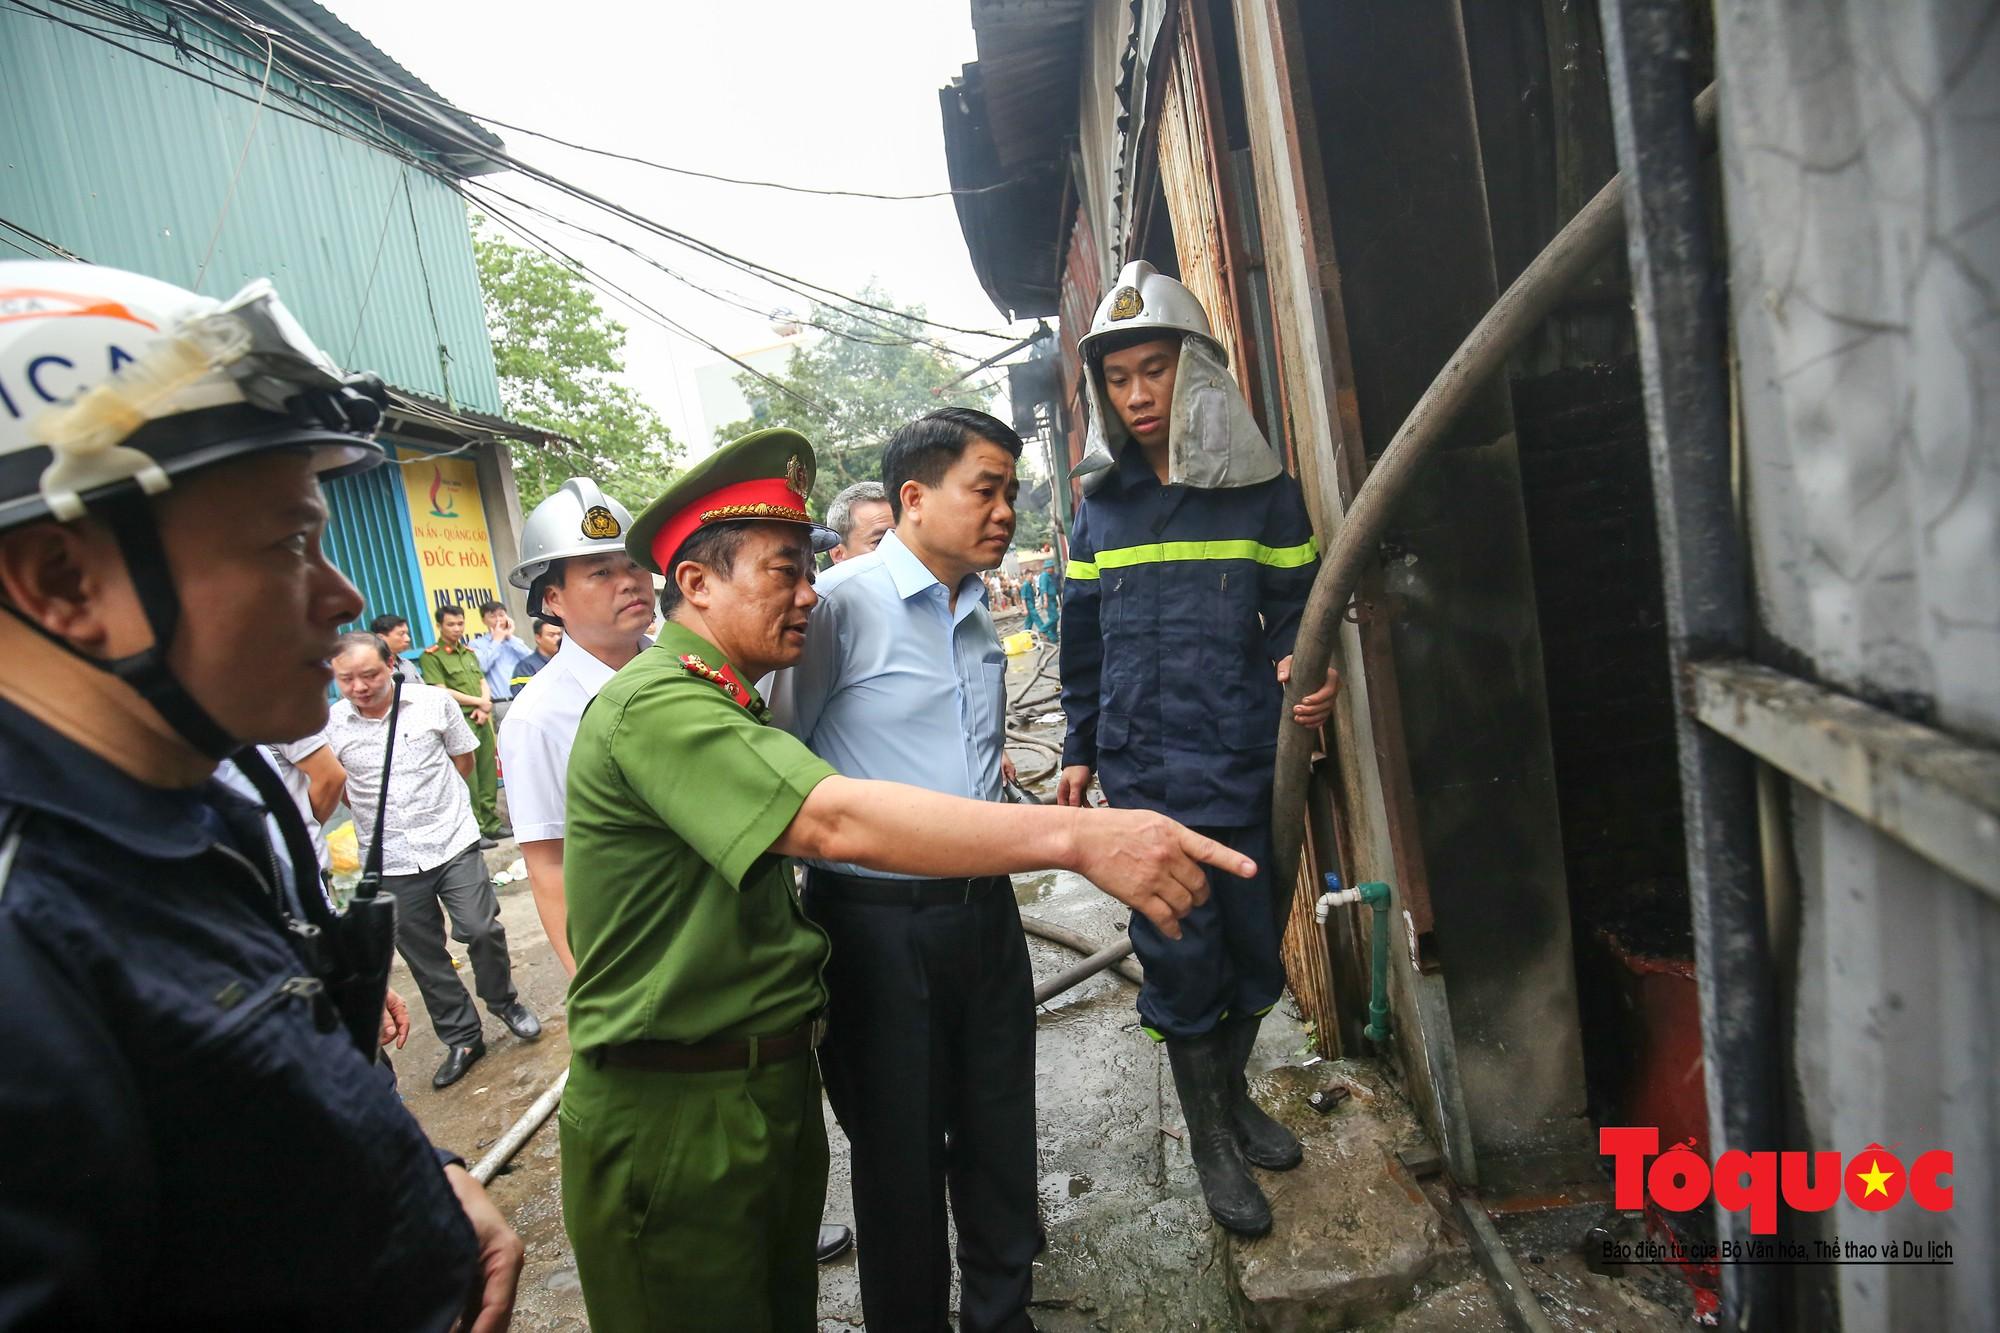 Cận cảnh hiện trường vụ Cháy thảm khốc ở Trung Văn, 8 người chết và mất tích - Ảnh 3.